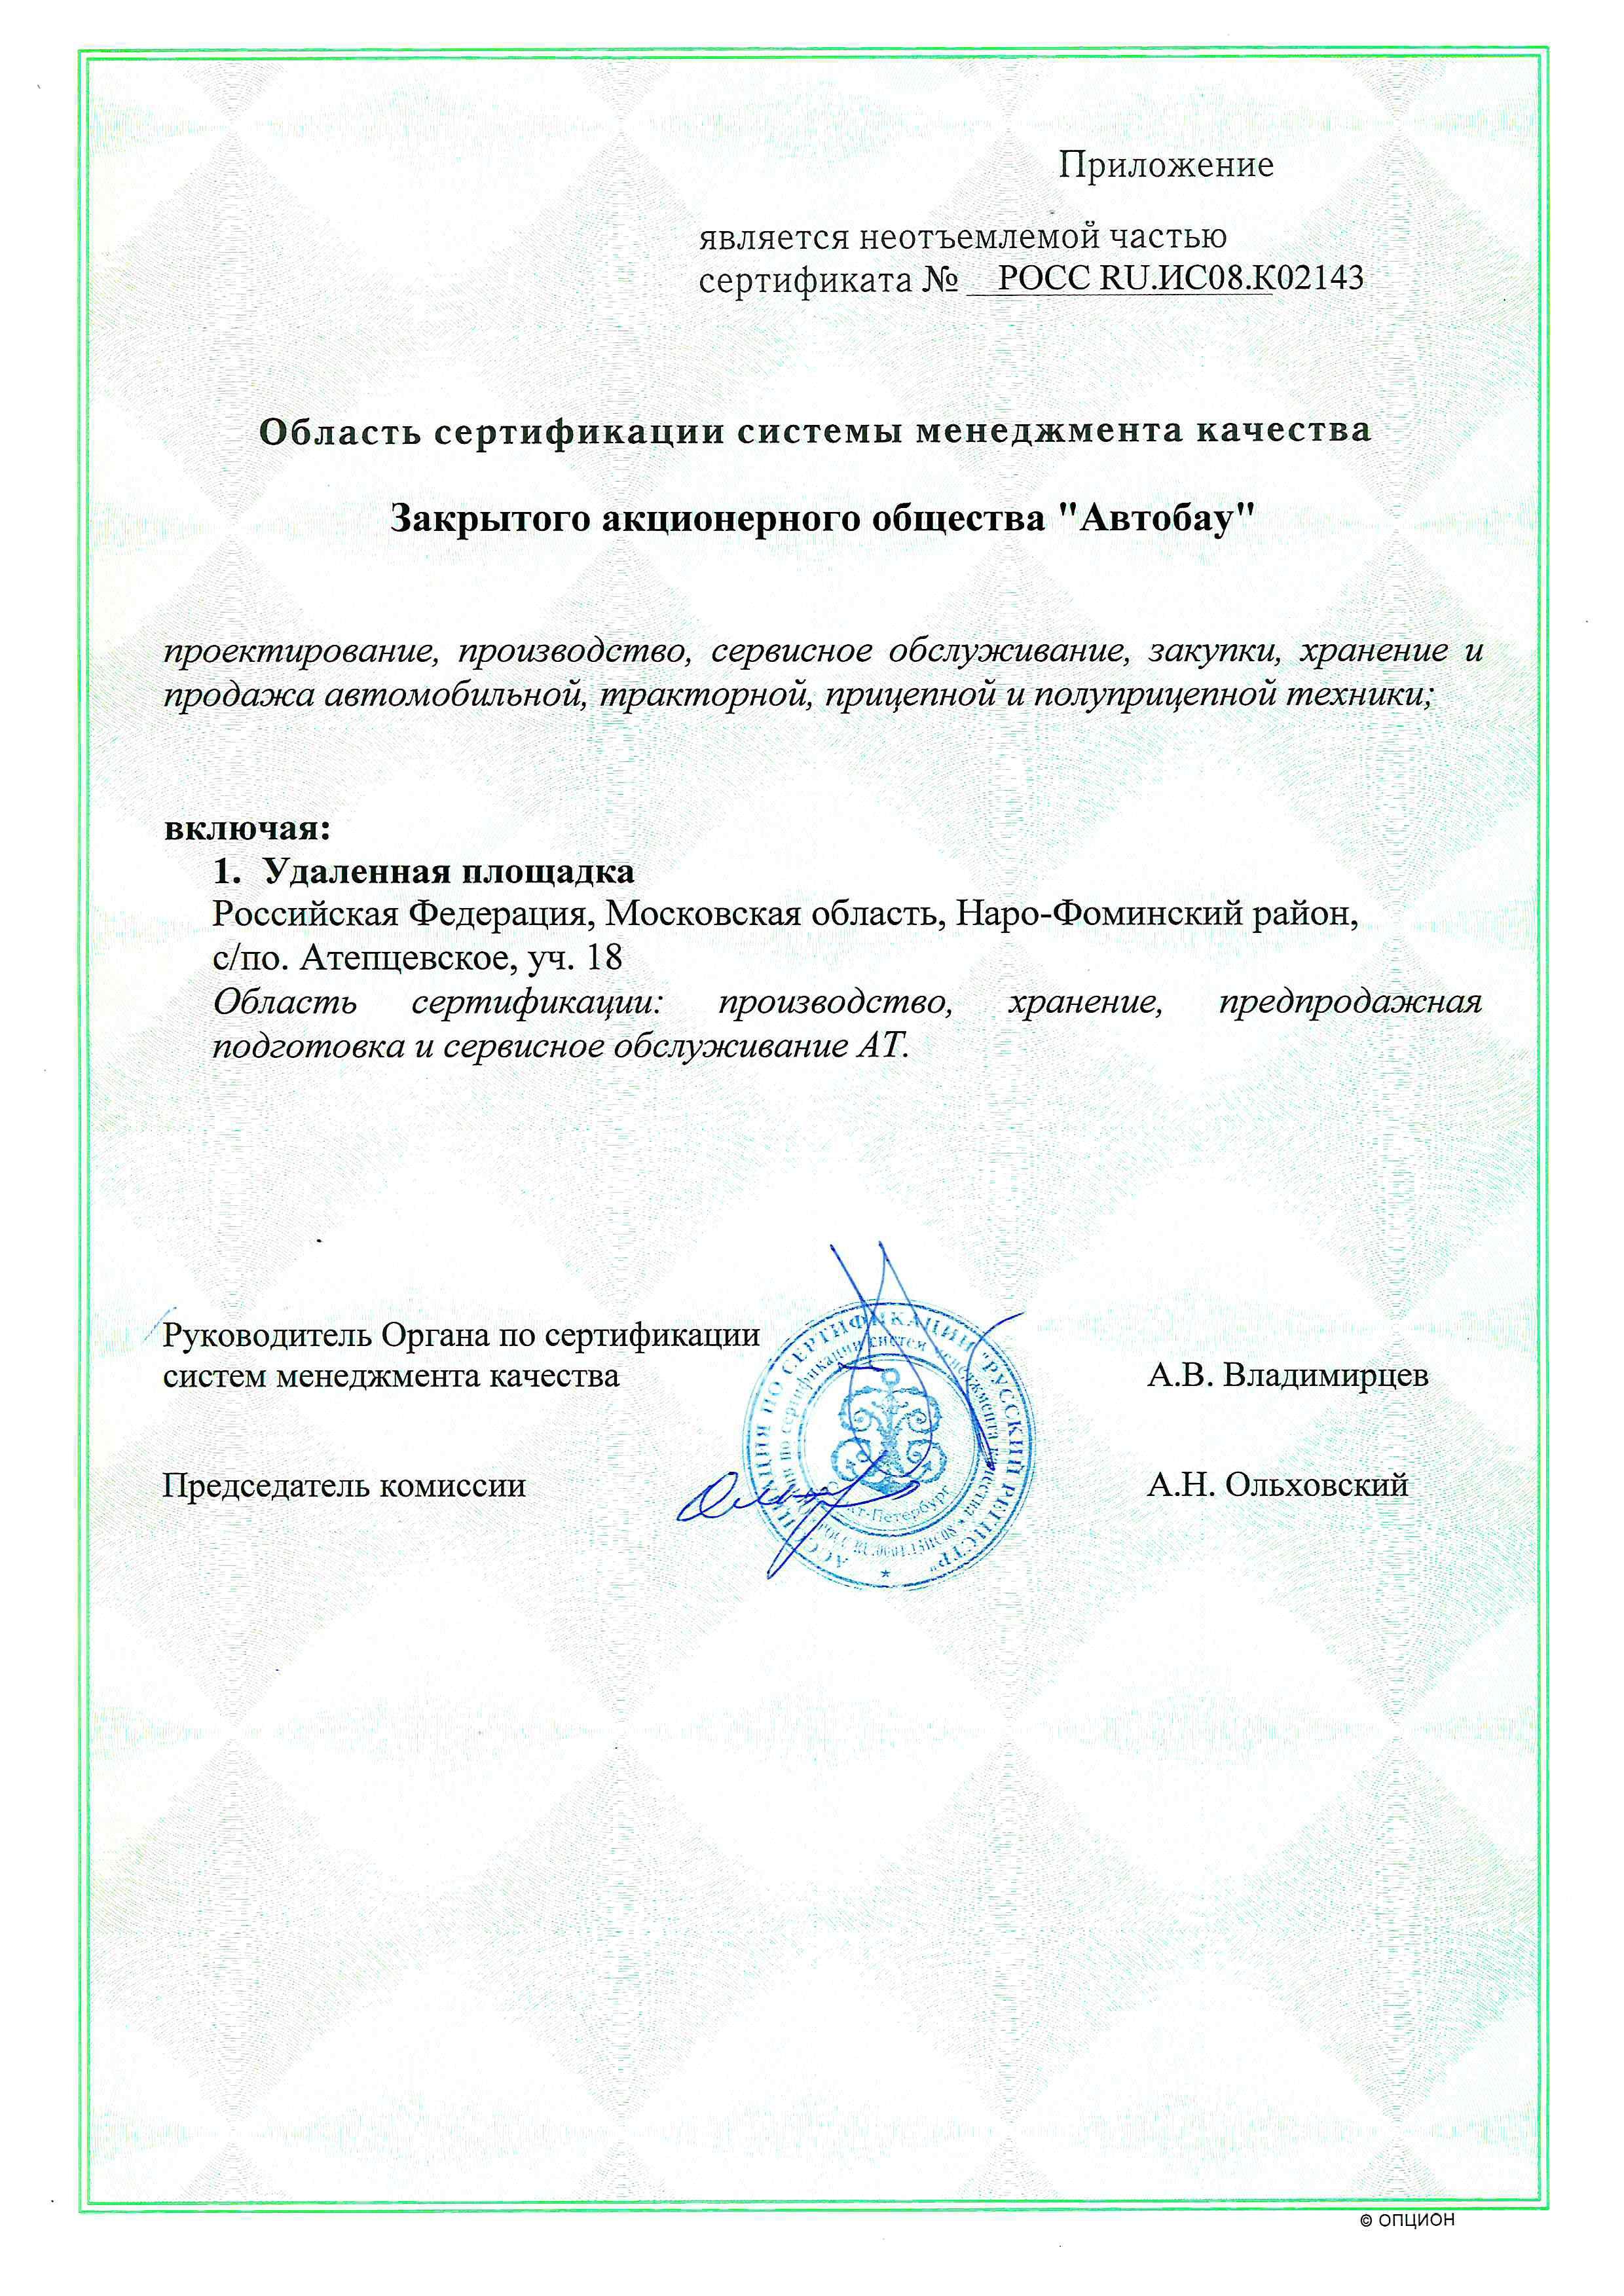 сертификат ИСО 9001 в Майкопе